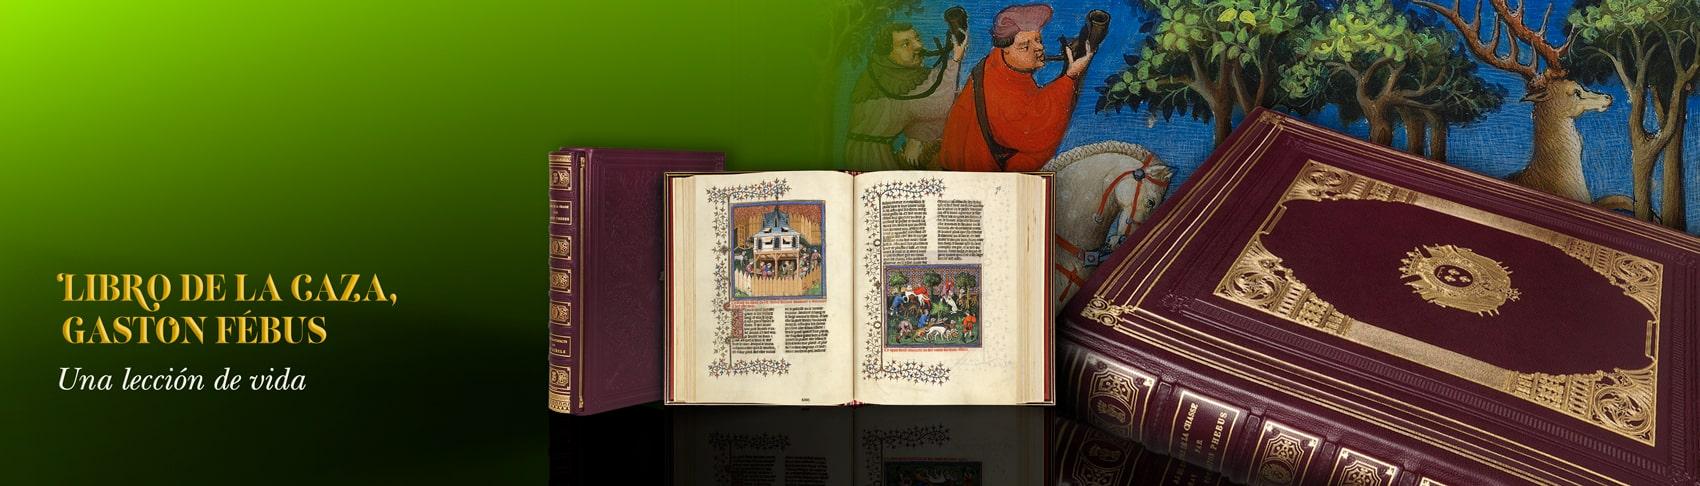 Libro de la caza, Gaston Fébus BnF. Manuscrito iluminado medieval enseña el arte de la caza, cinegética.